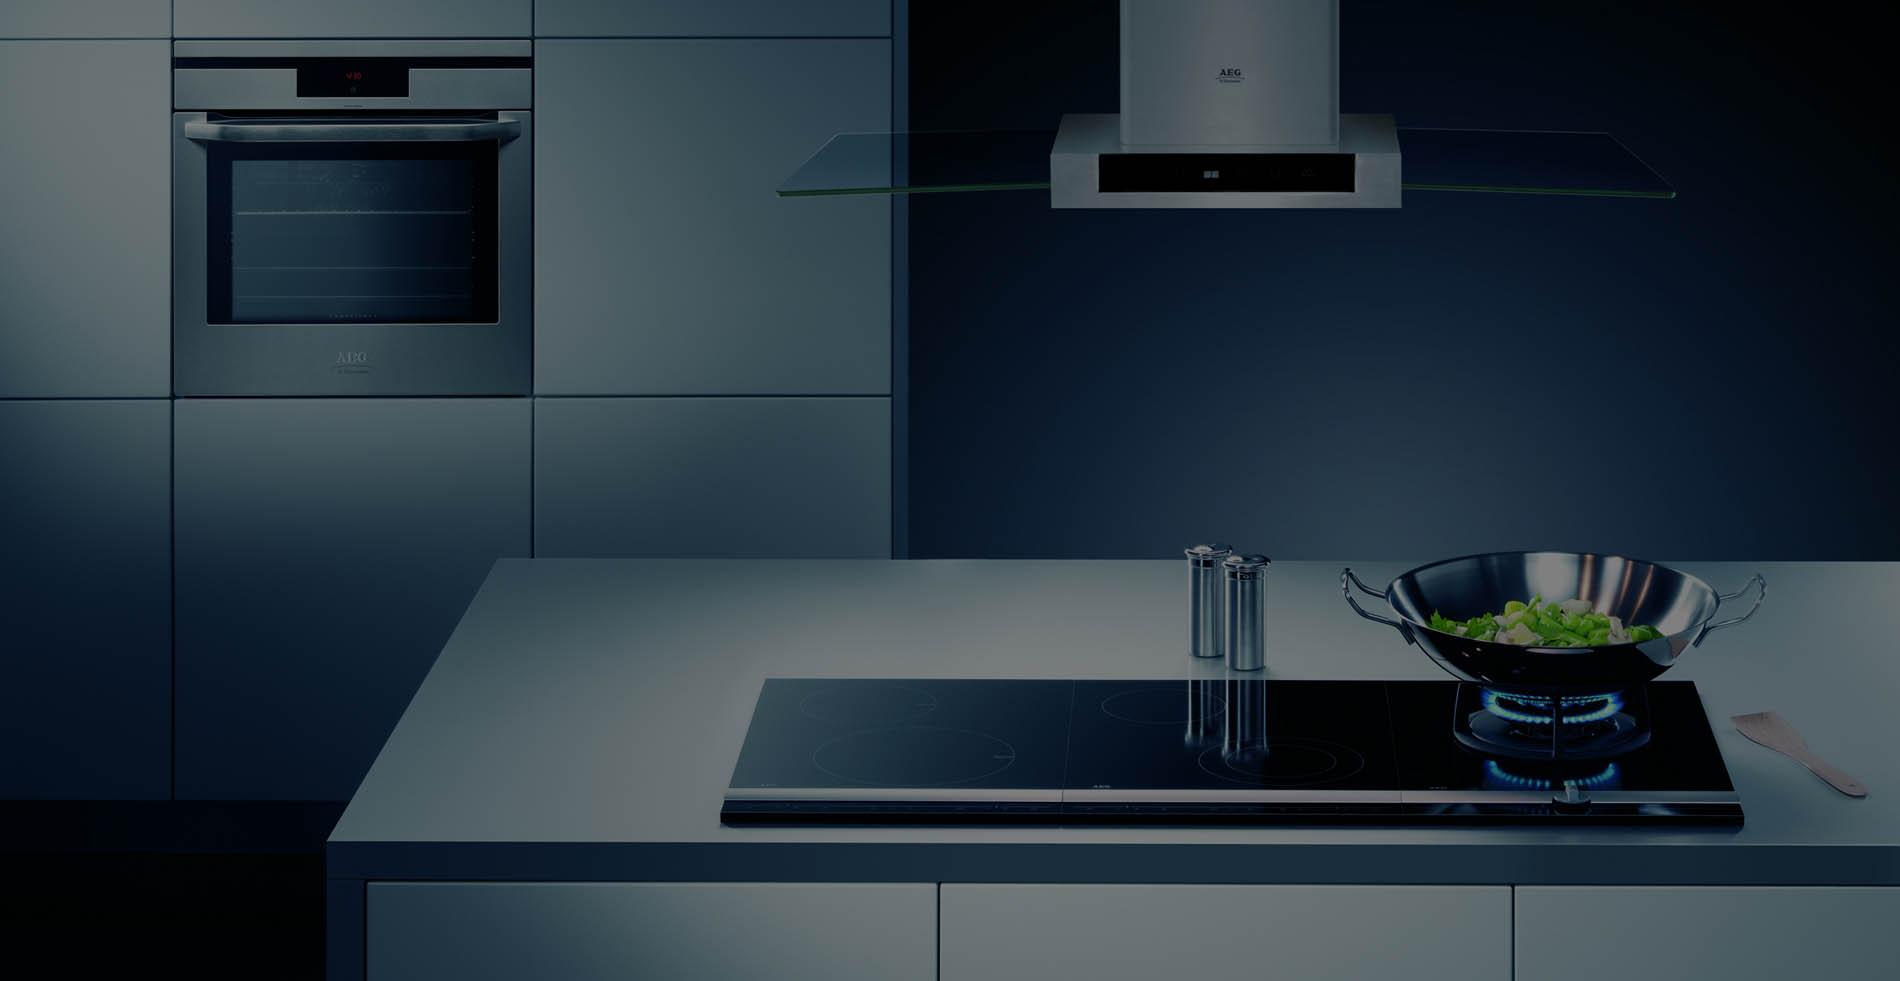 кухня вебкам модели хайтек